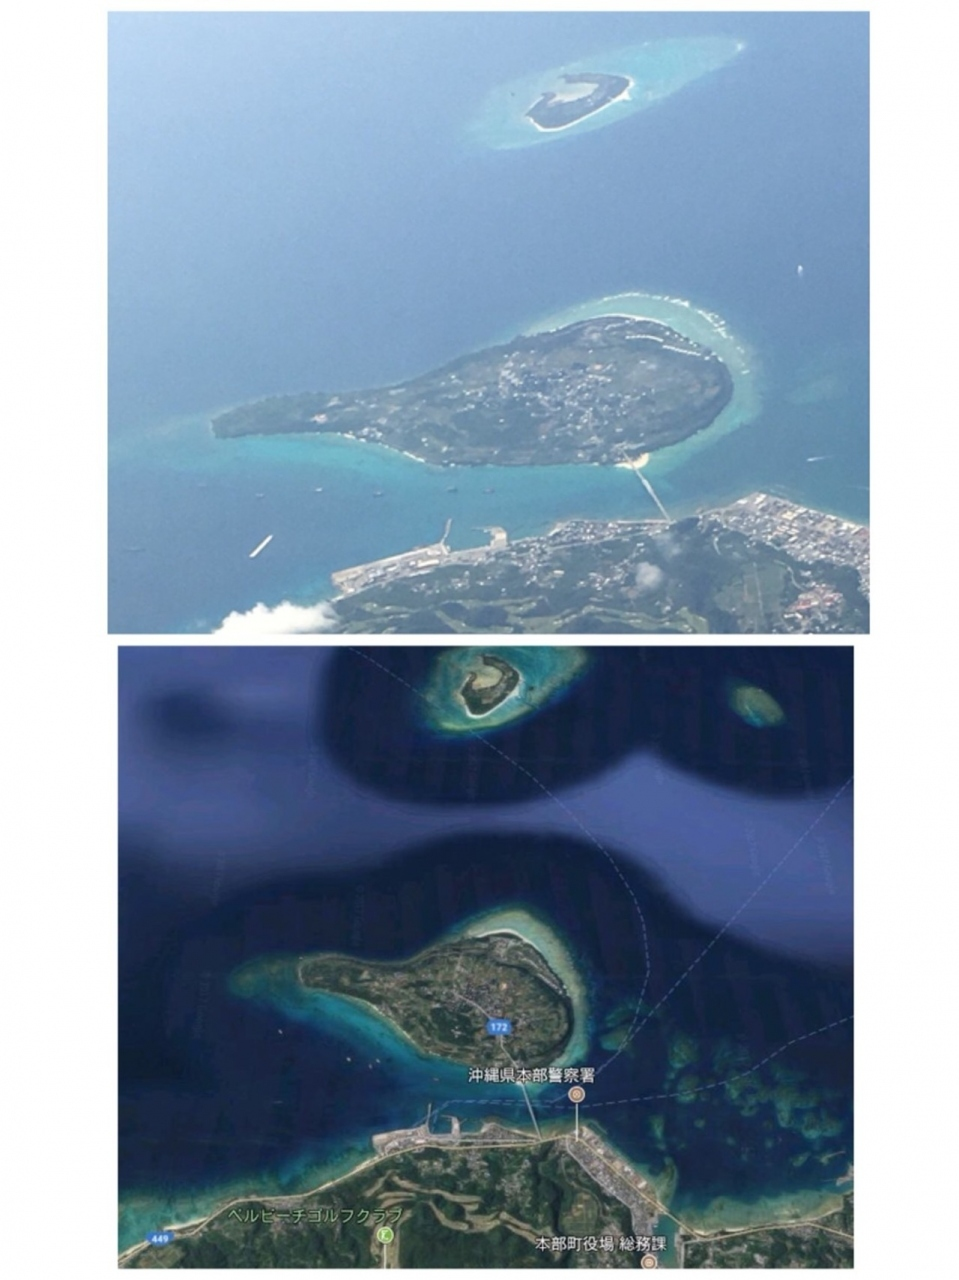 飛行機から・・・ 帰宅後GoogleMAPでどこかなー? と調べてみたら瀬底島でした!